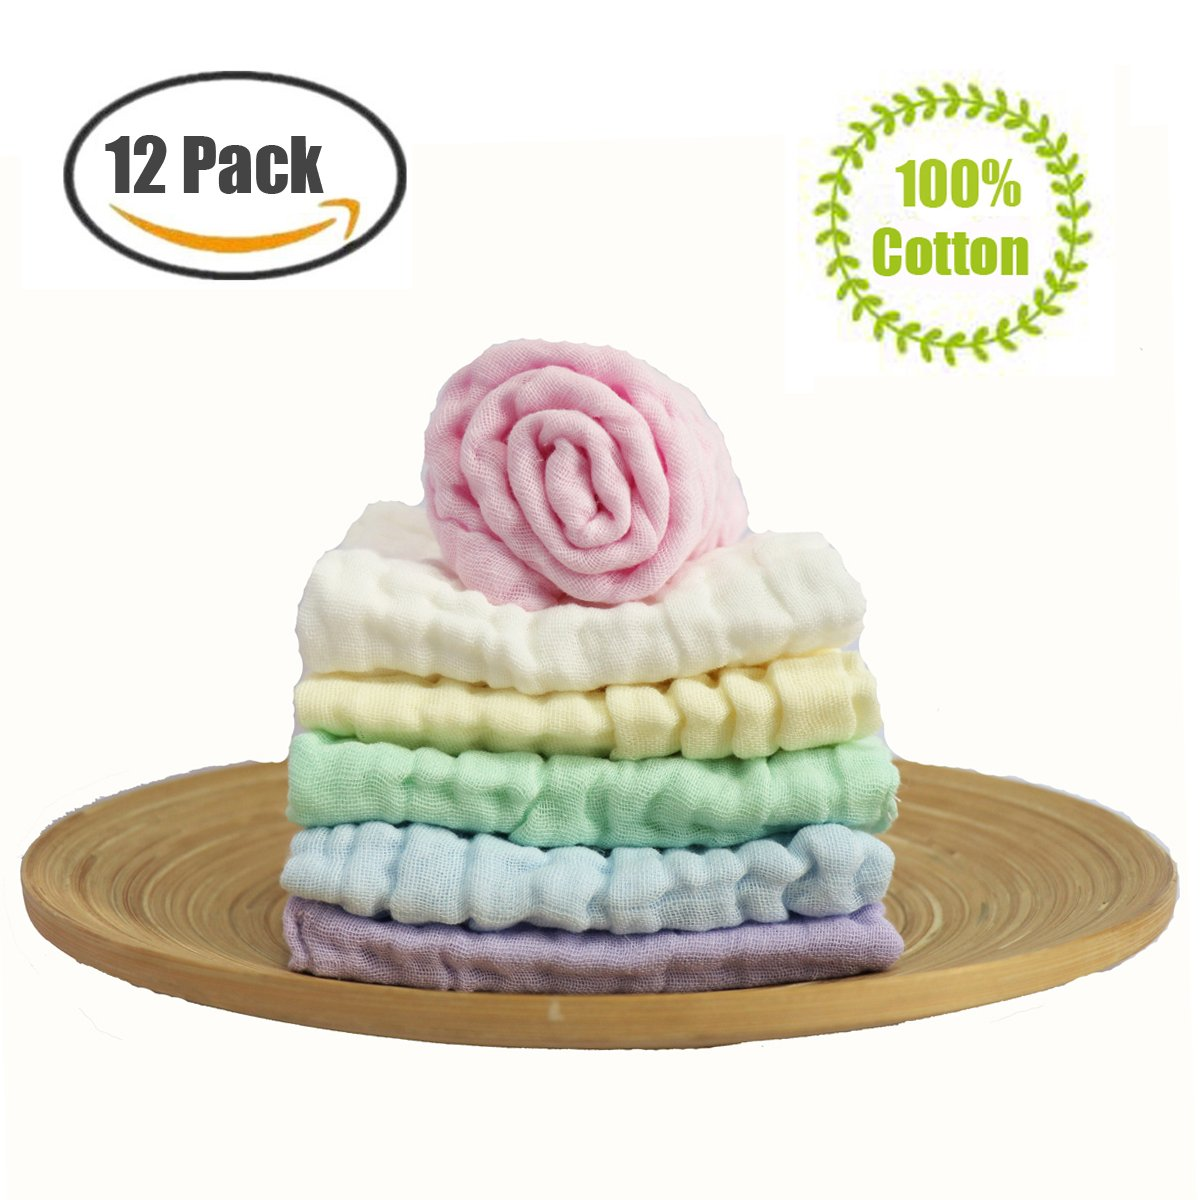 BWINKA 12-Pack Gauze Muslin Square, 11 x11 orgánicos Baby Washcloths, Premium reutilizables toallitas - Extra suave para la piel sensible, recién nacido Muslin cálido bebé toallas de baño C-50